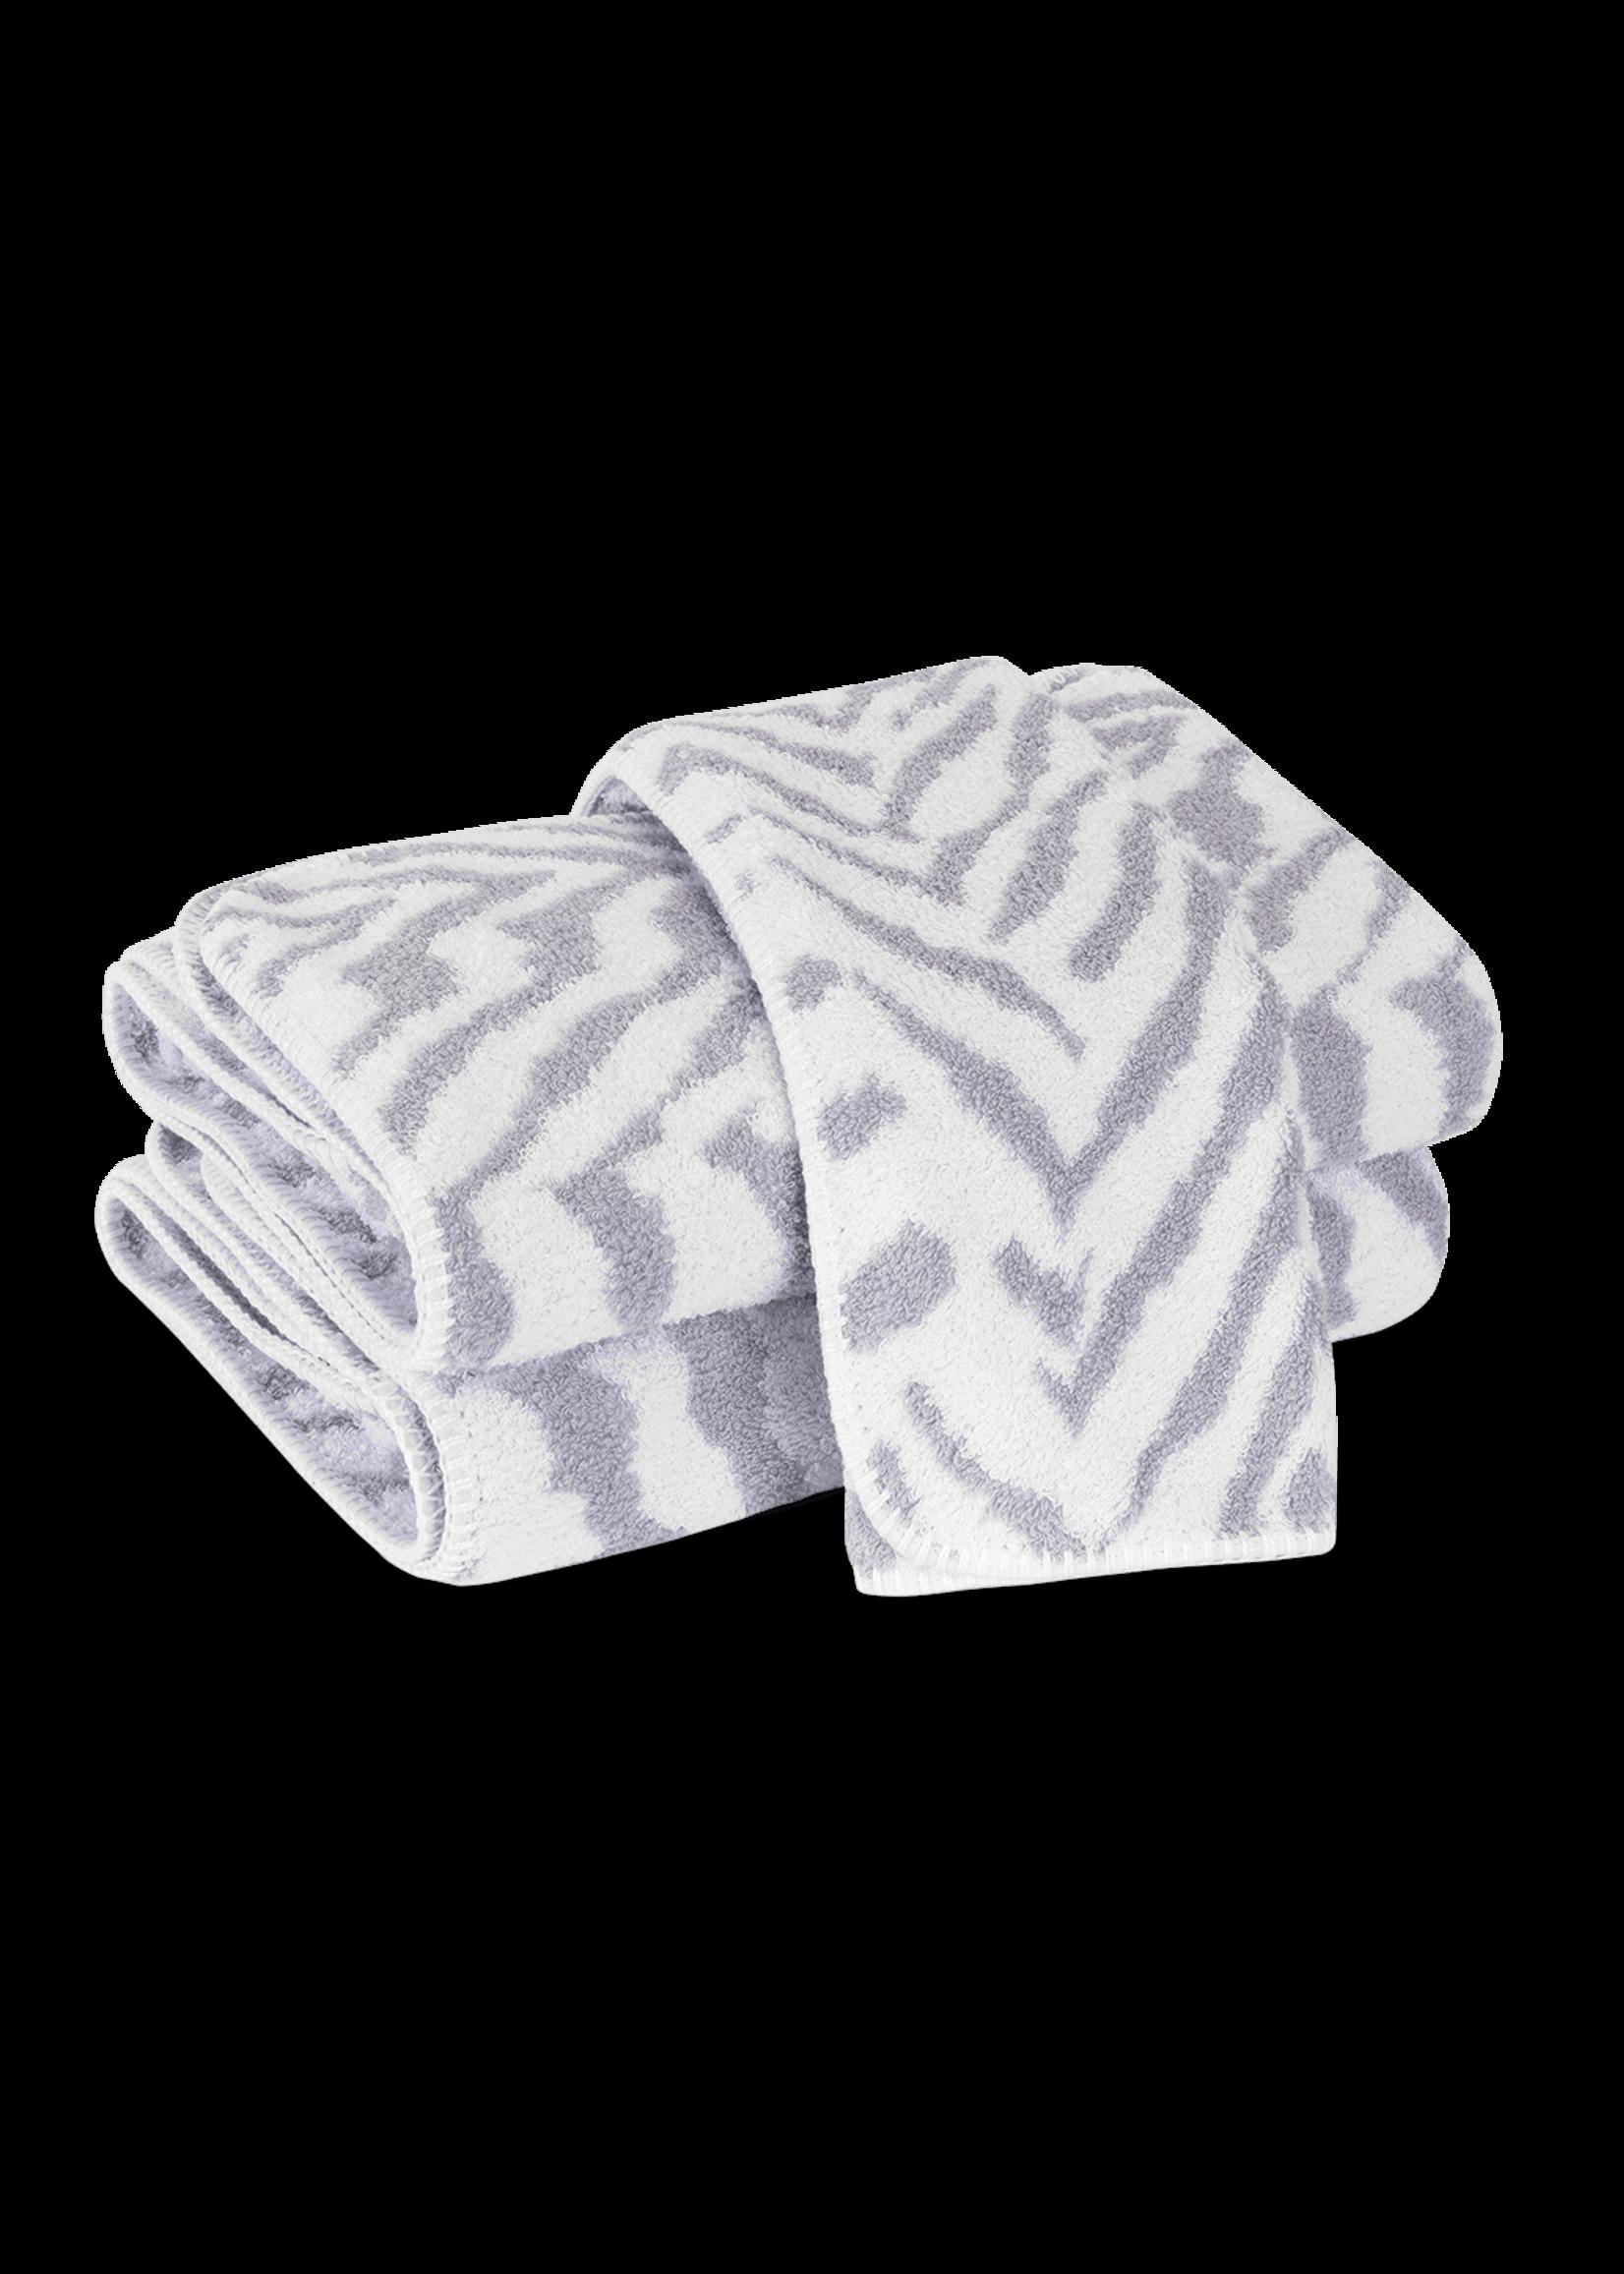 Matouk Matouk Quincy Zebra Bath Towels